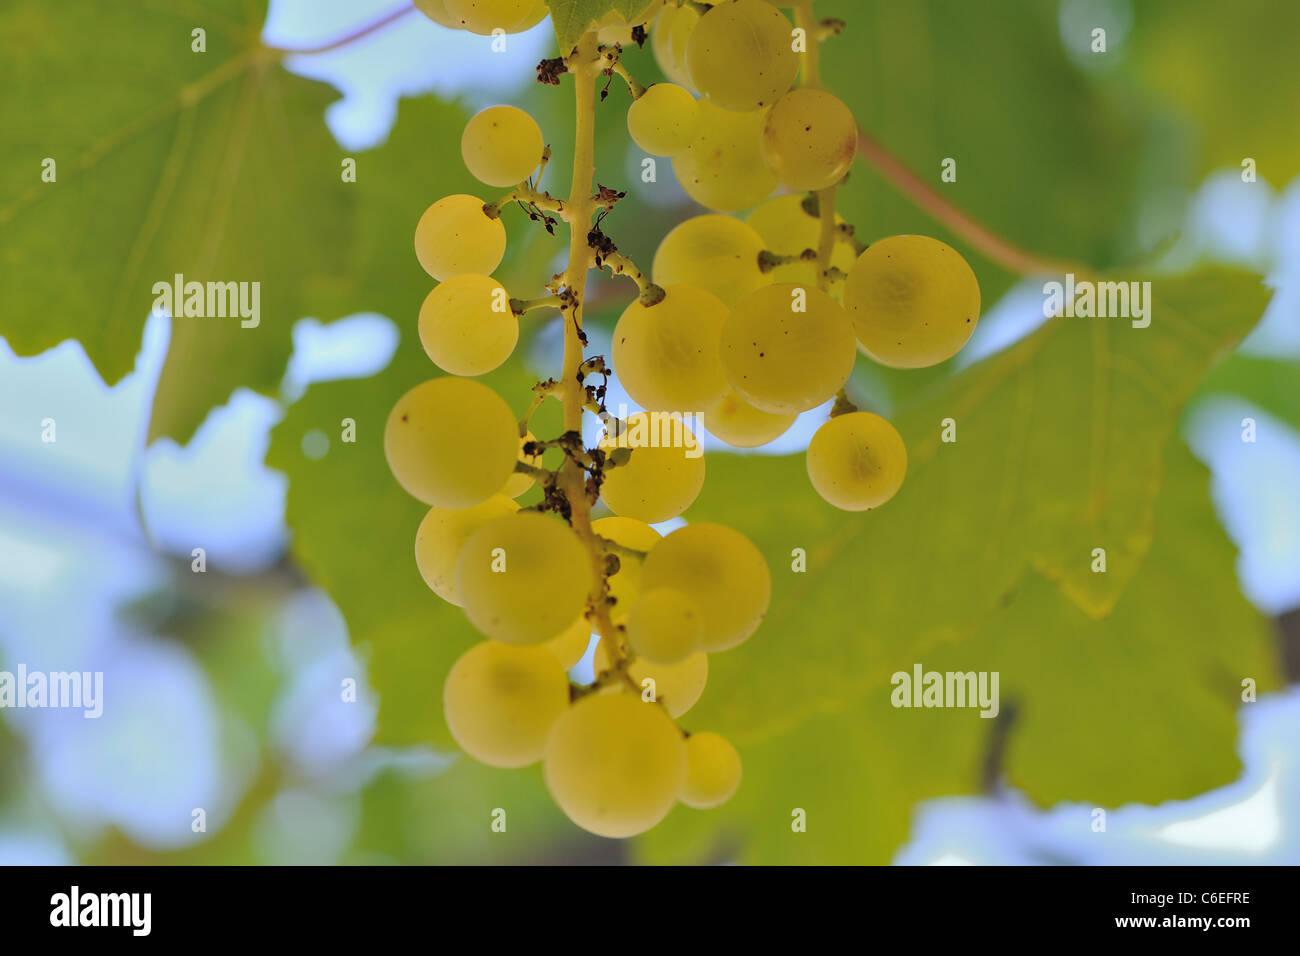 wein trauben weinberg vitis vinifera centennial sorte mit wei en trauben knackig scharf. Black Bedroom Furniture Sets. Home Design Ideas